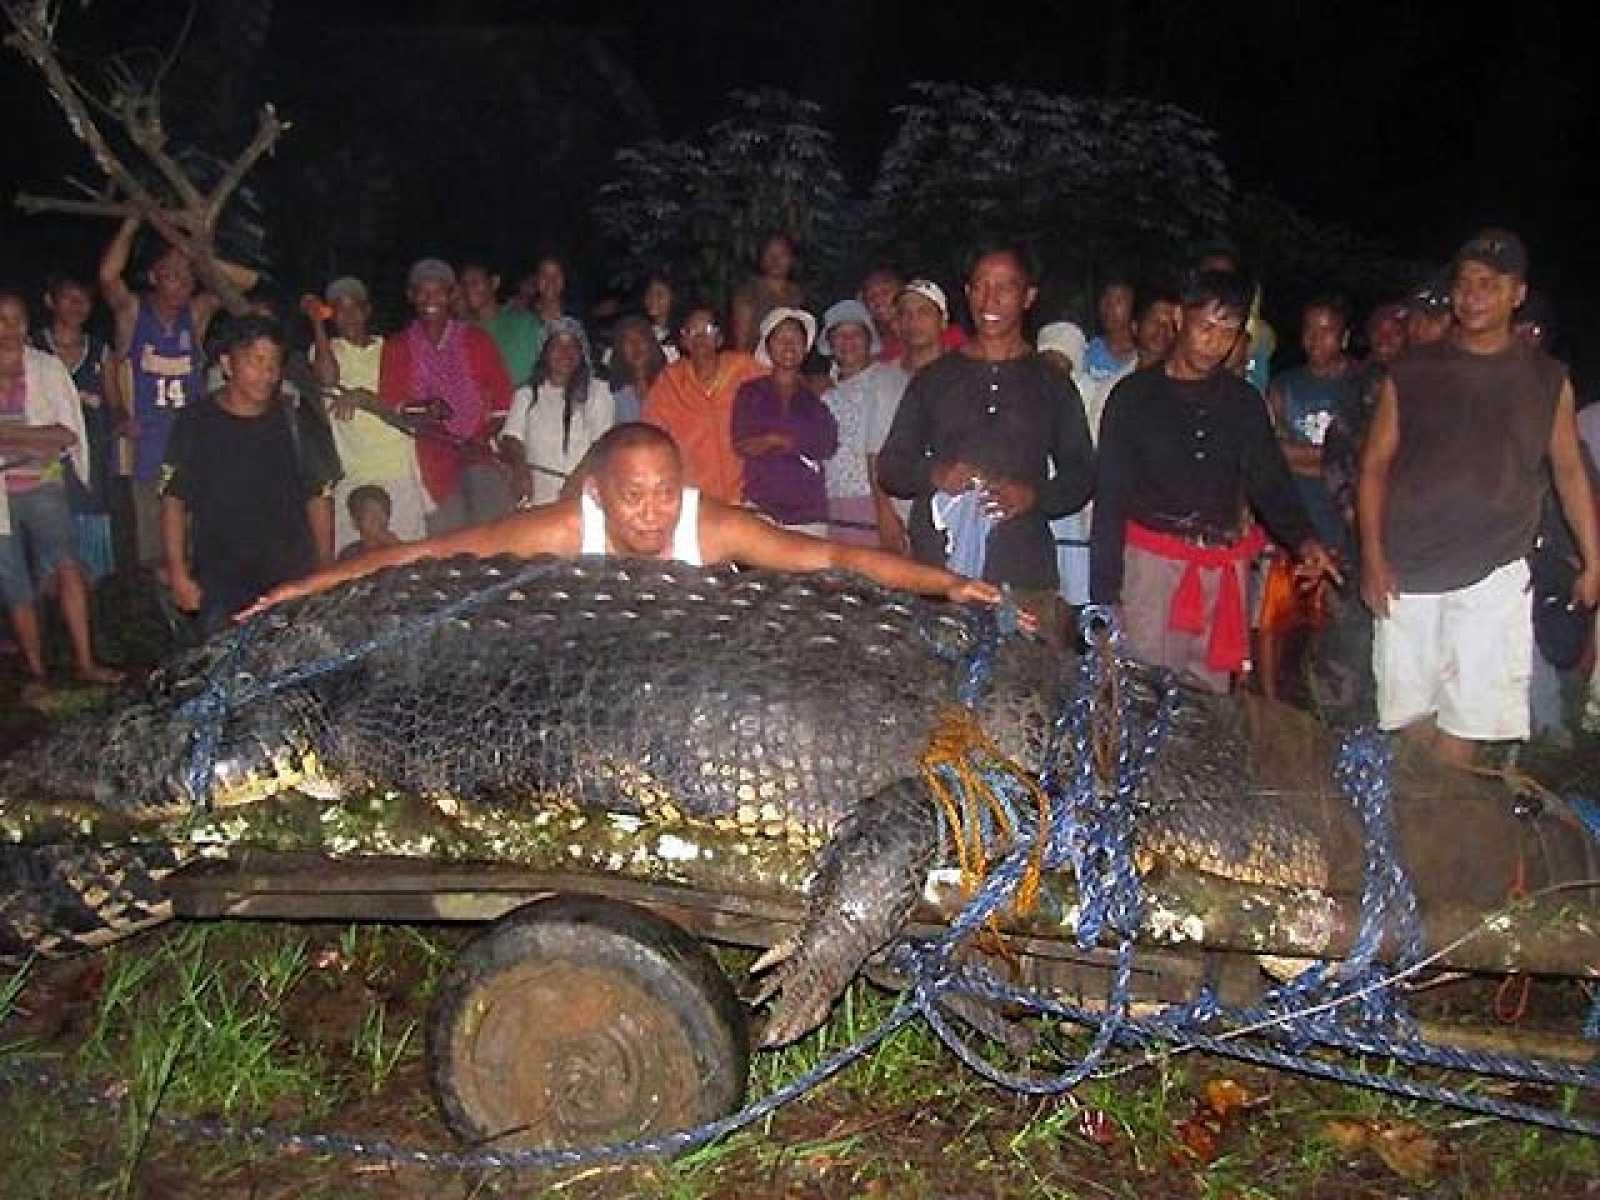 Capturan un cocodrilo gigante de una tonelada de peso y seis metros de largo